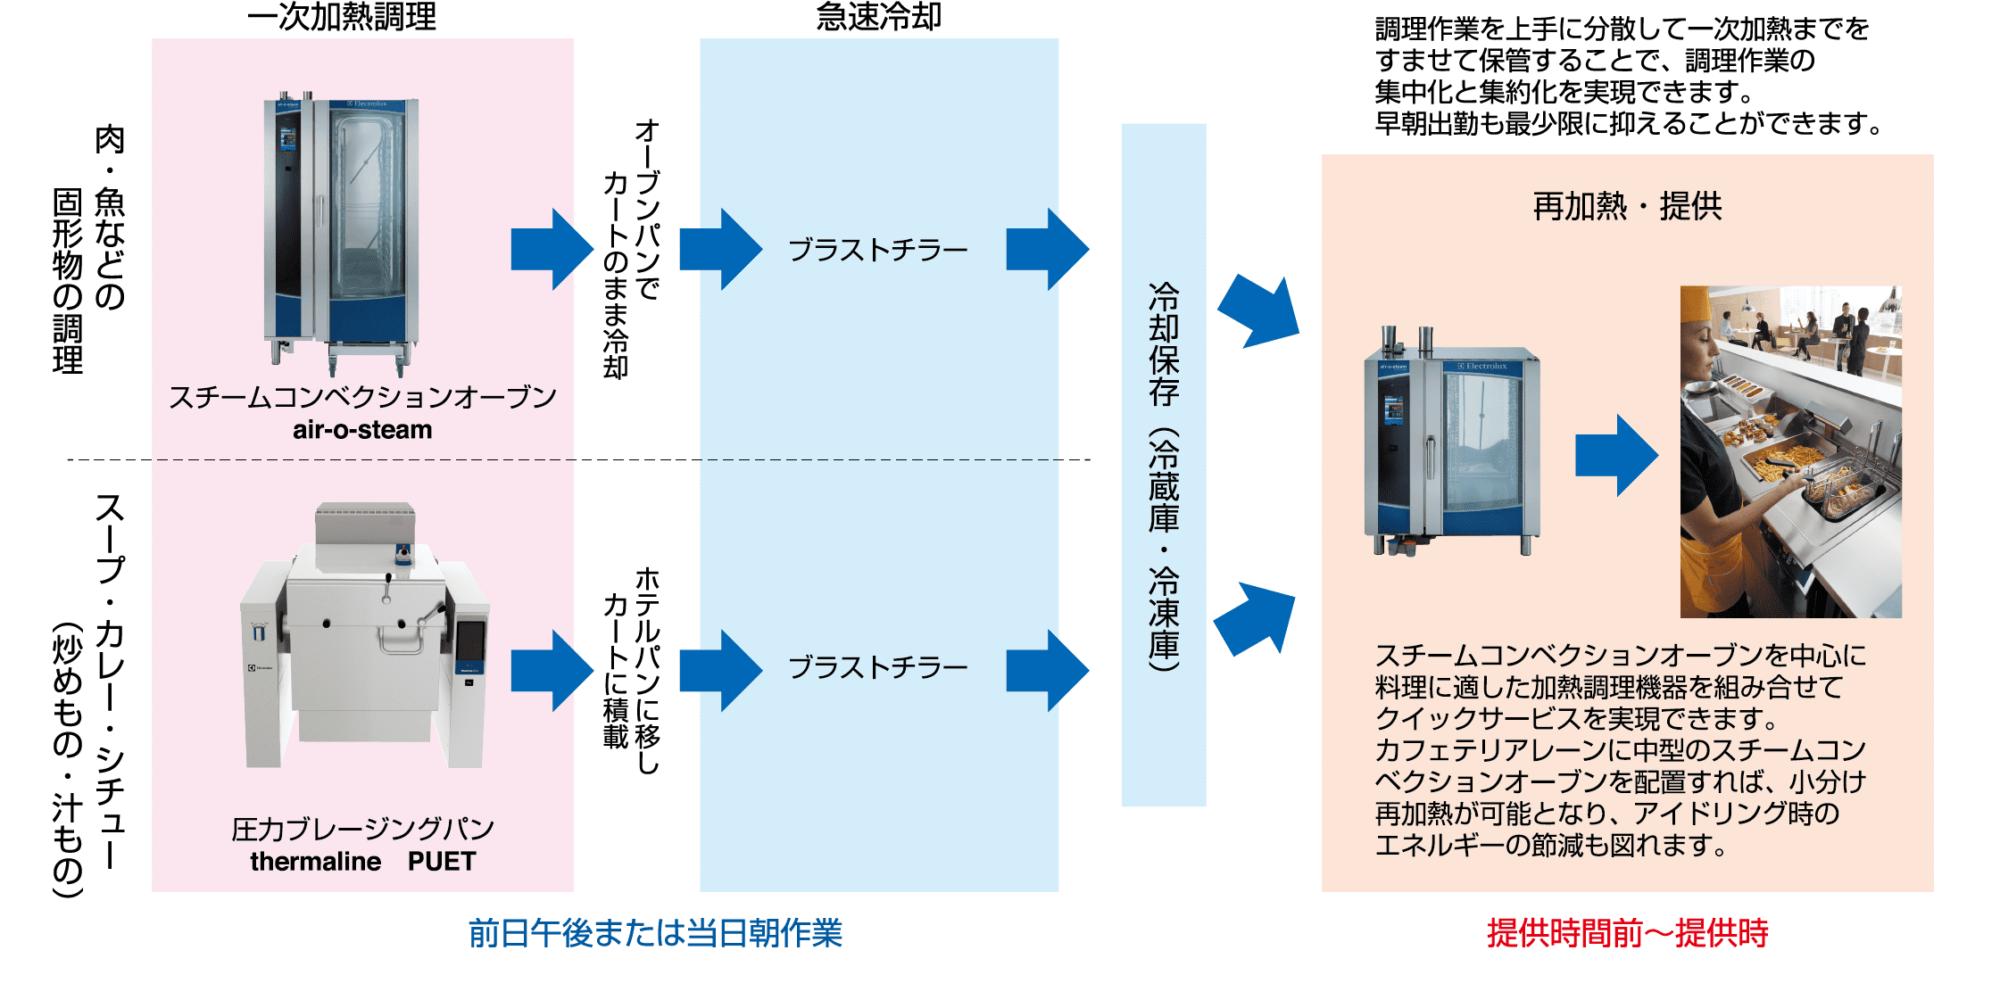 業務用ガスカタログ_社員食堂P1